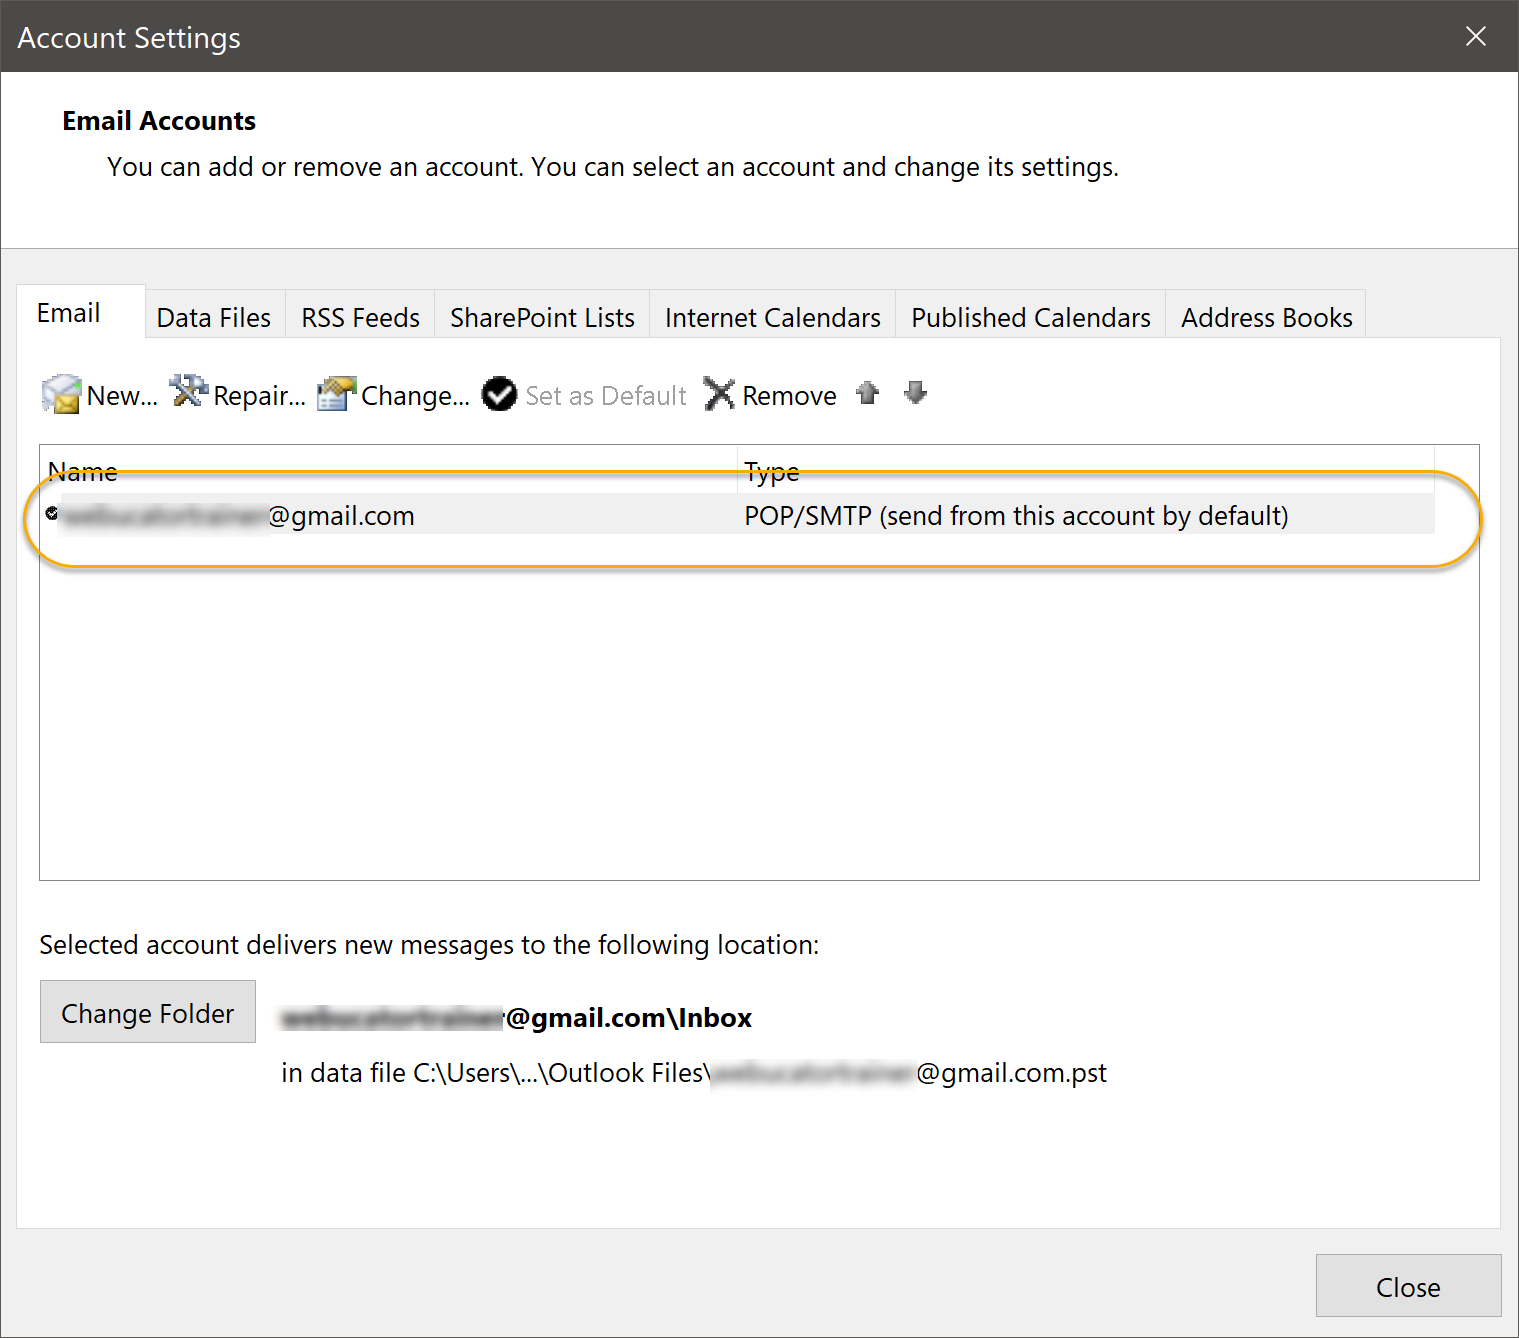 Account Settings Dialog Box